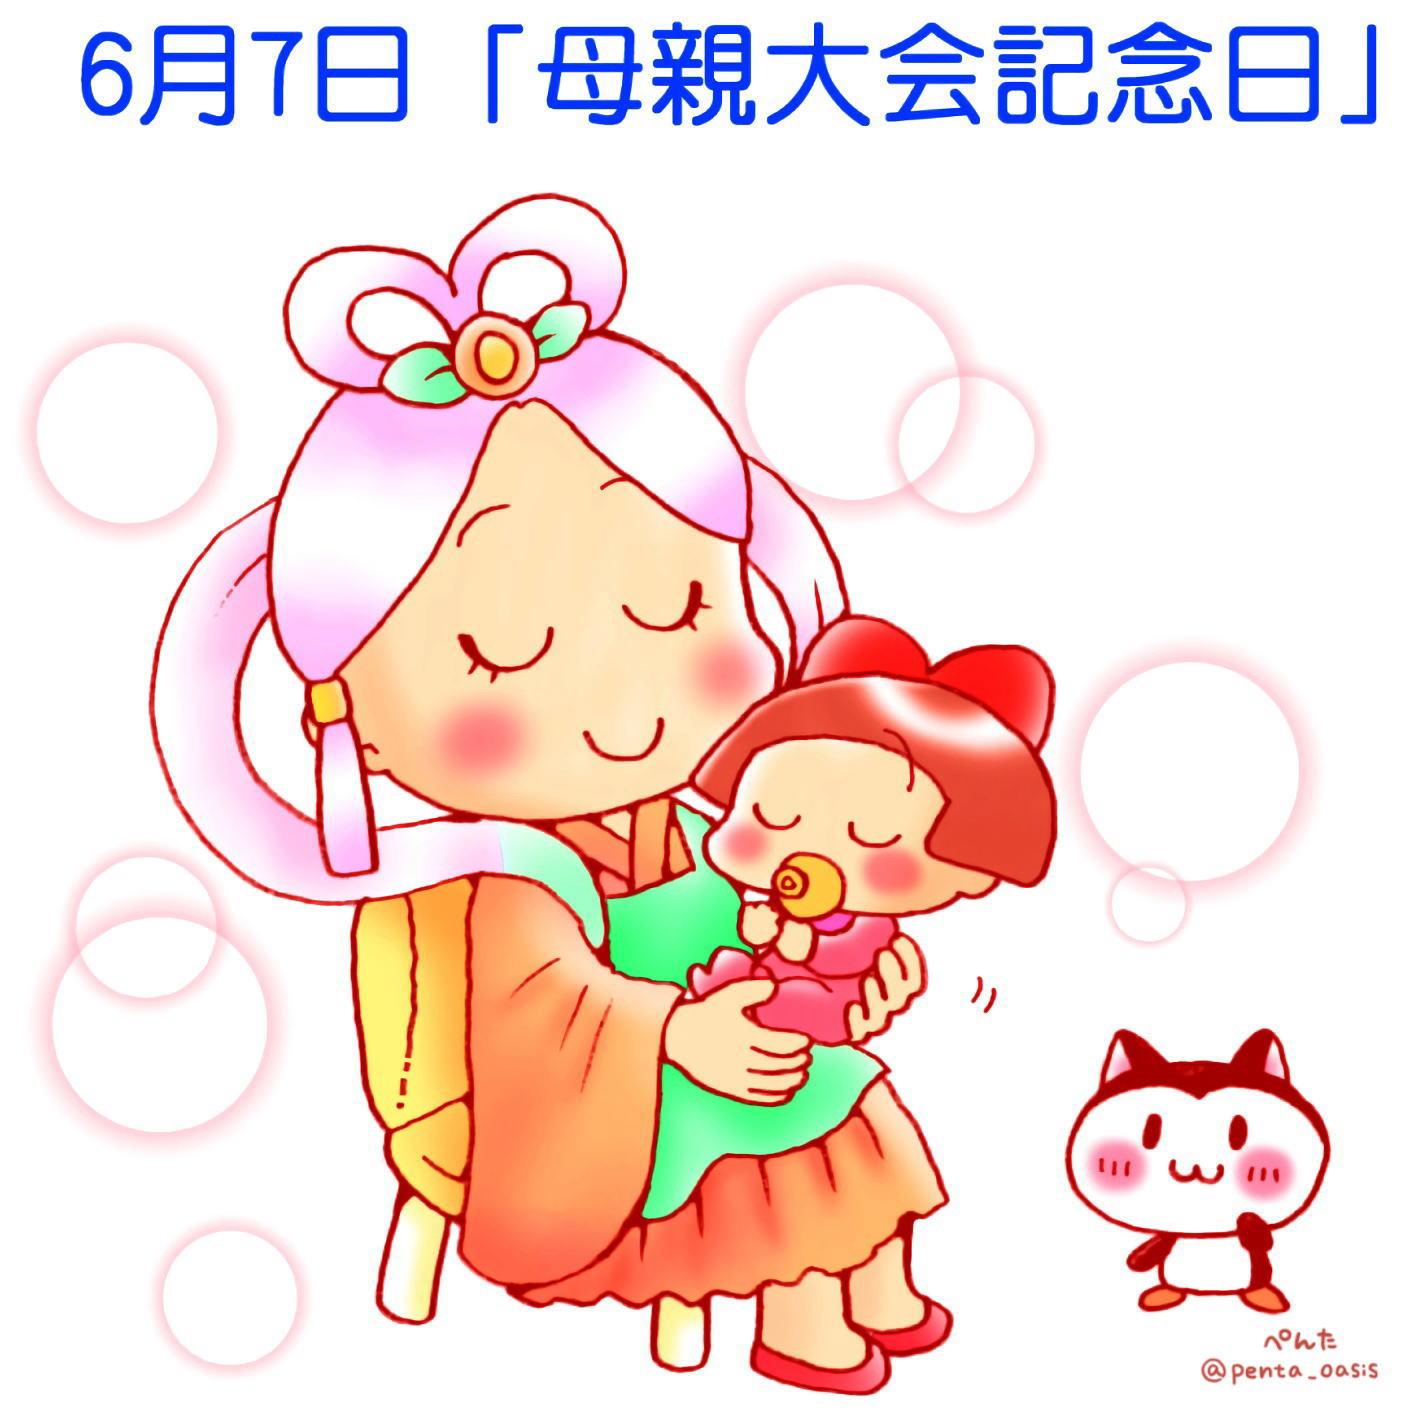 6月7日 母親大会記念日 <366日...